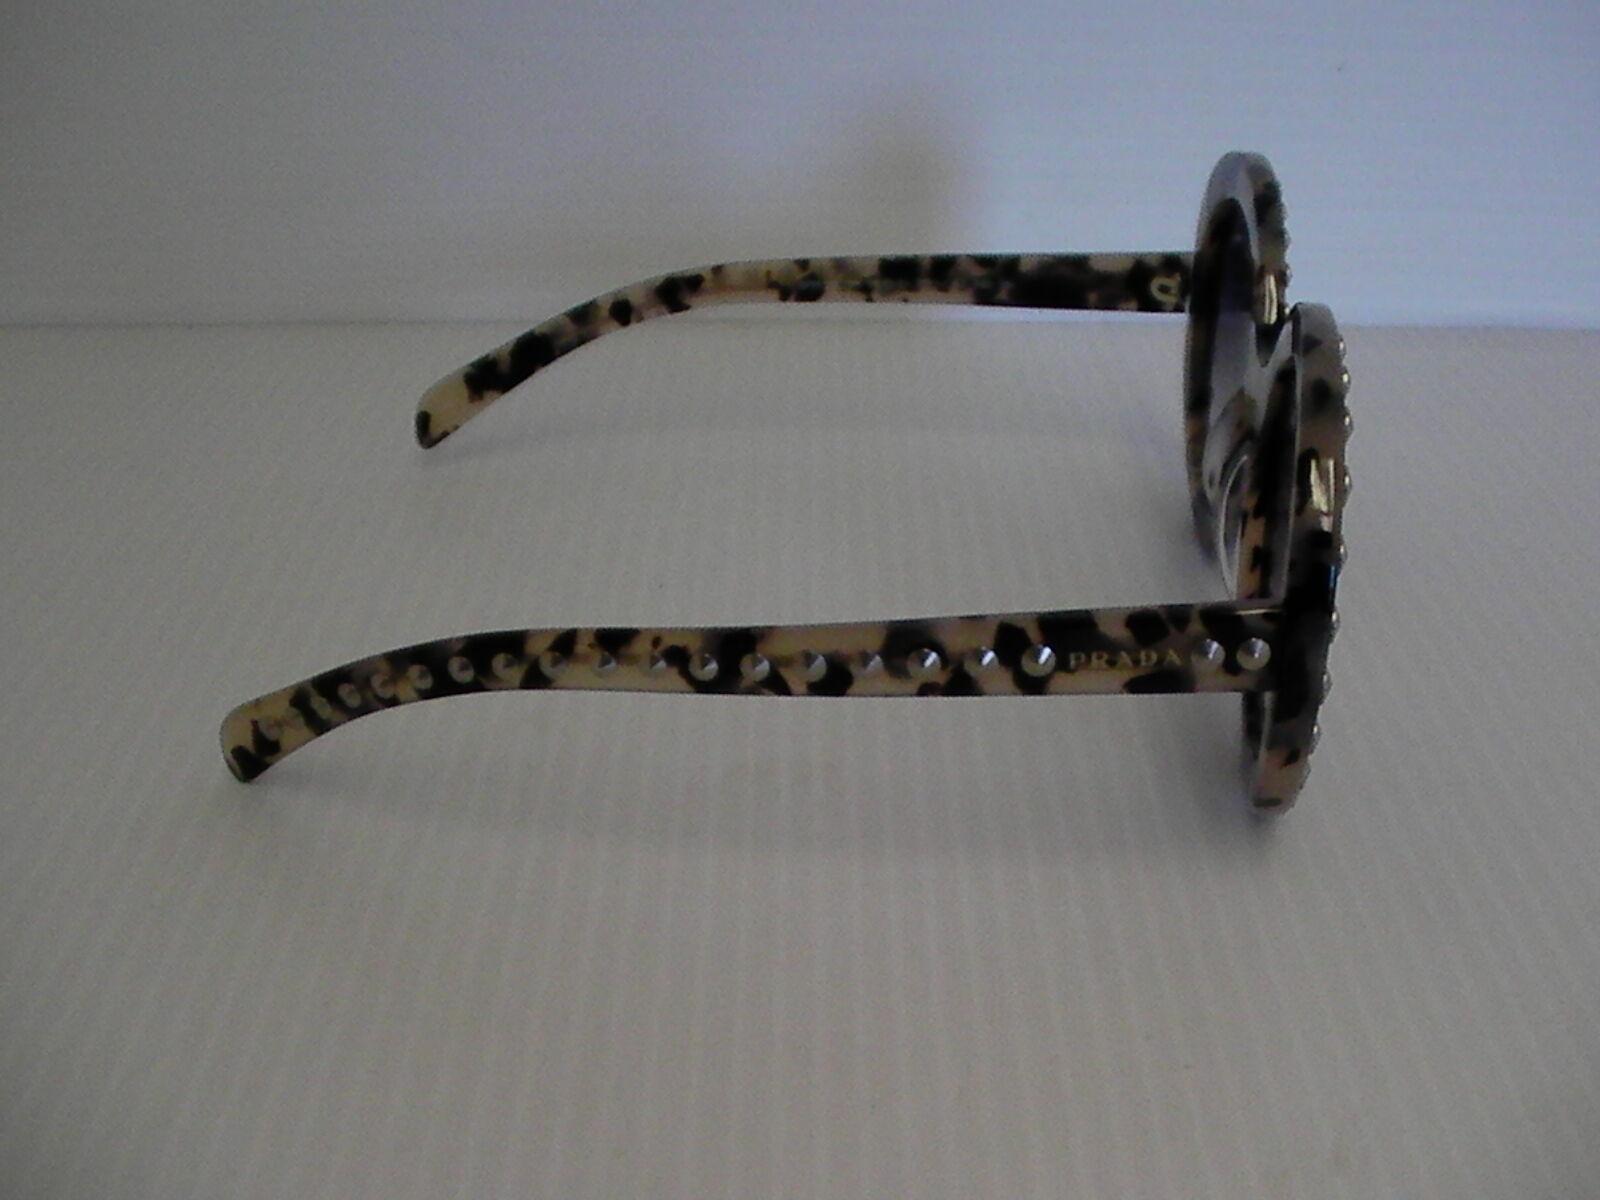 Damen Prada Neue Sonnenbrillen Schwarz Beige mit Nieten Besetzt Barock Spr29qsk image 5